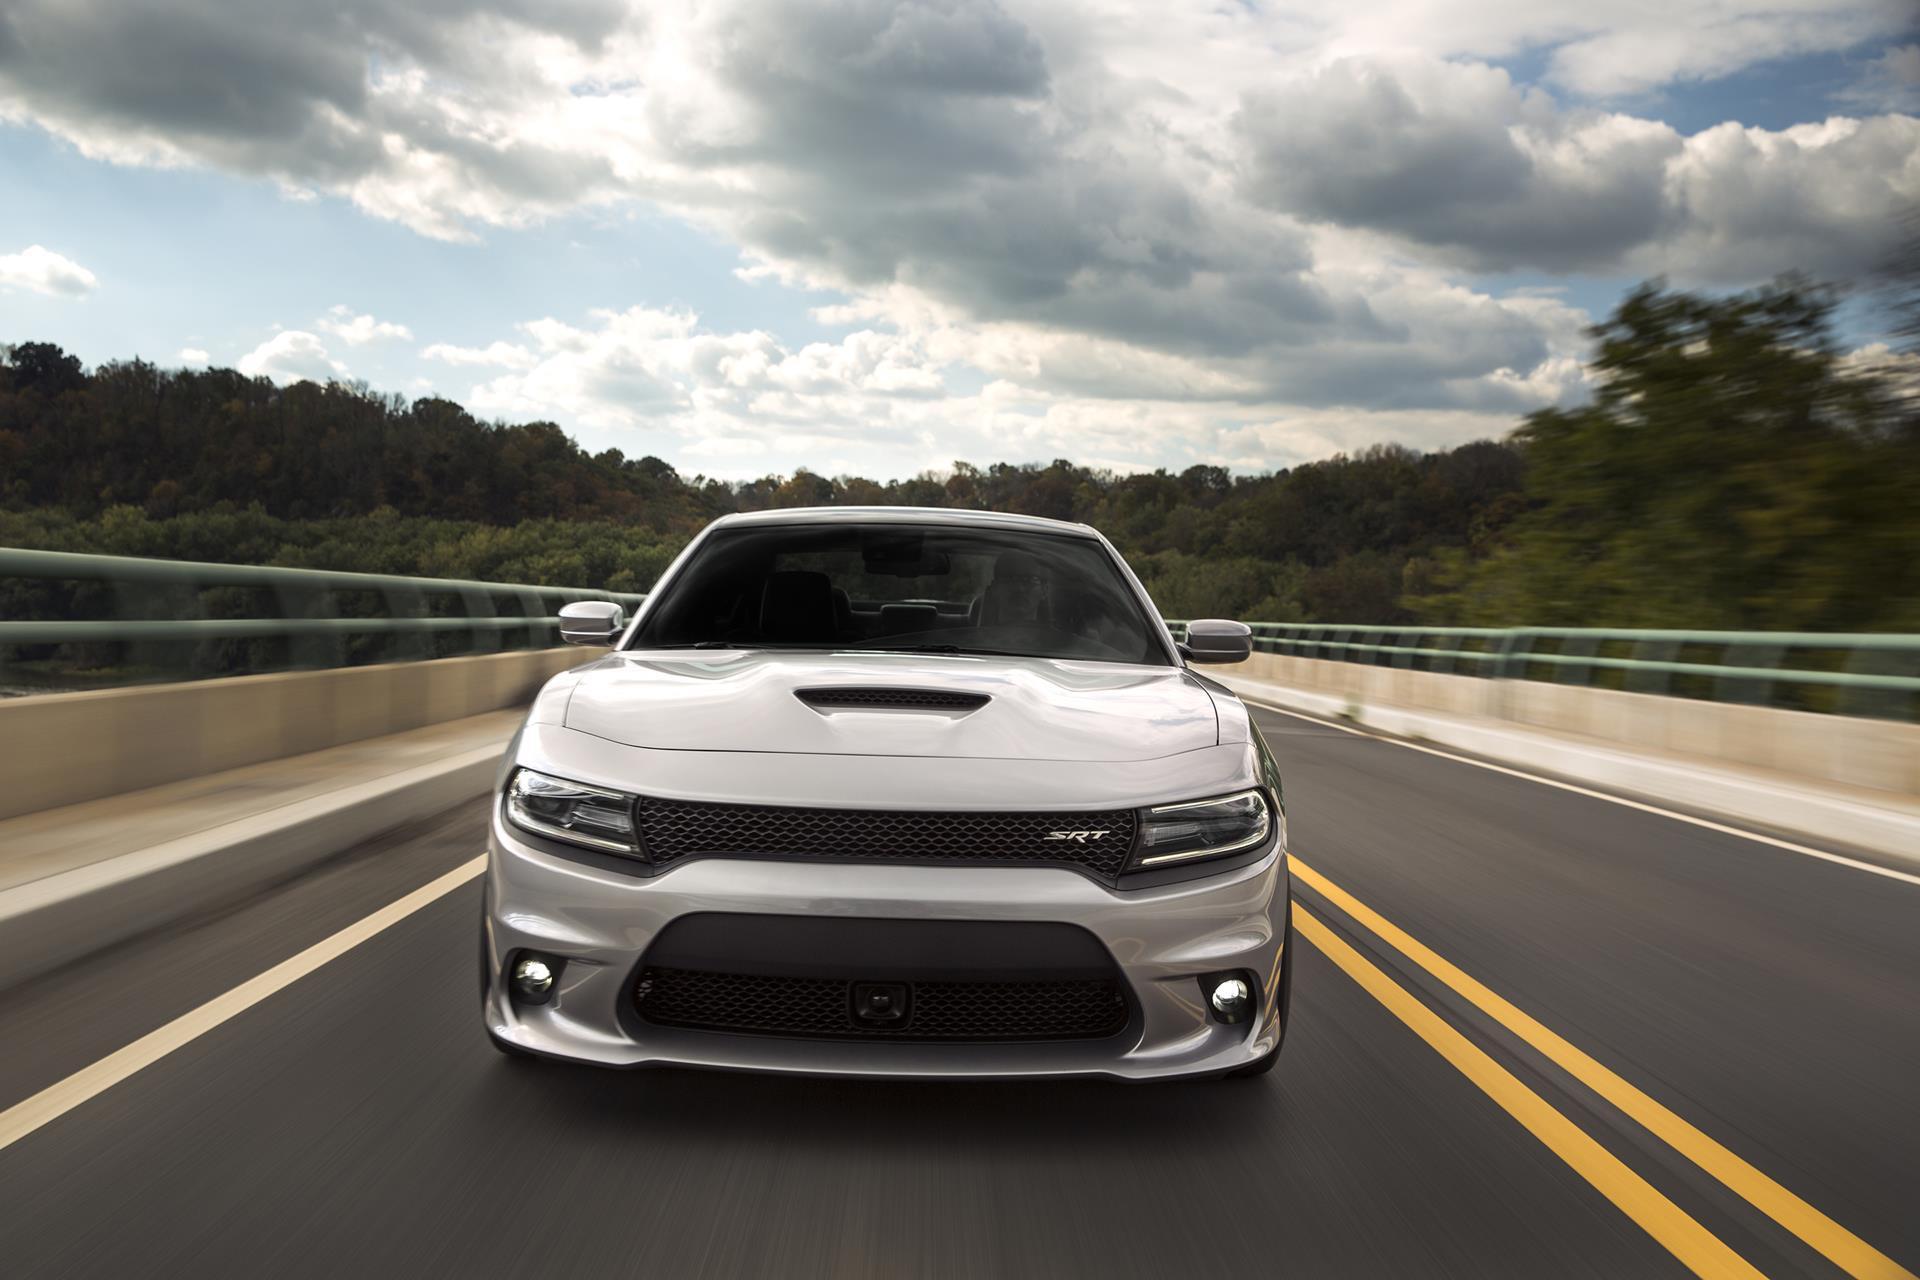 2016 Dodge Charger Wallpaper - WallpaperSafari